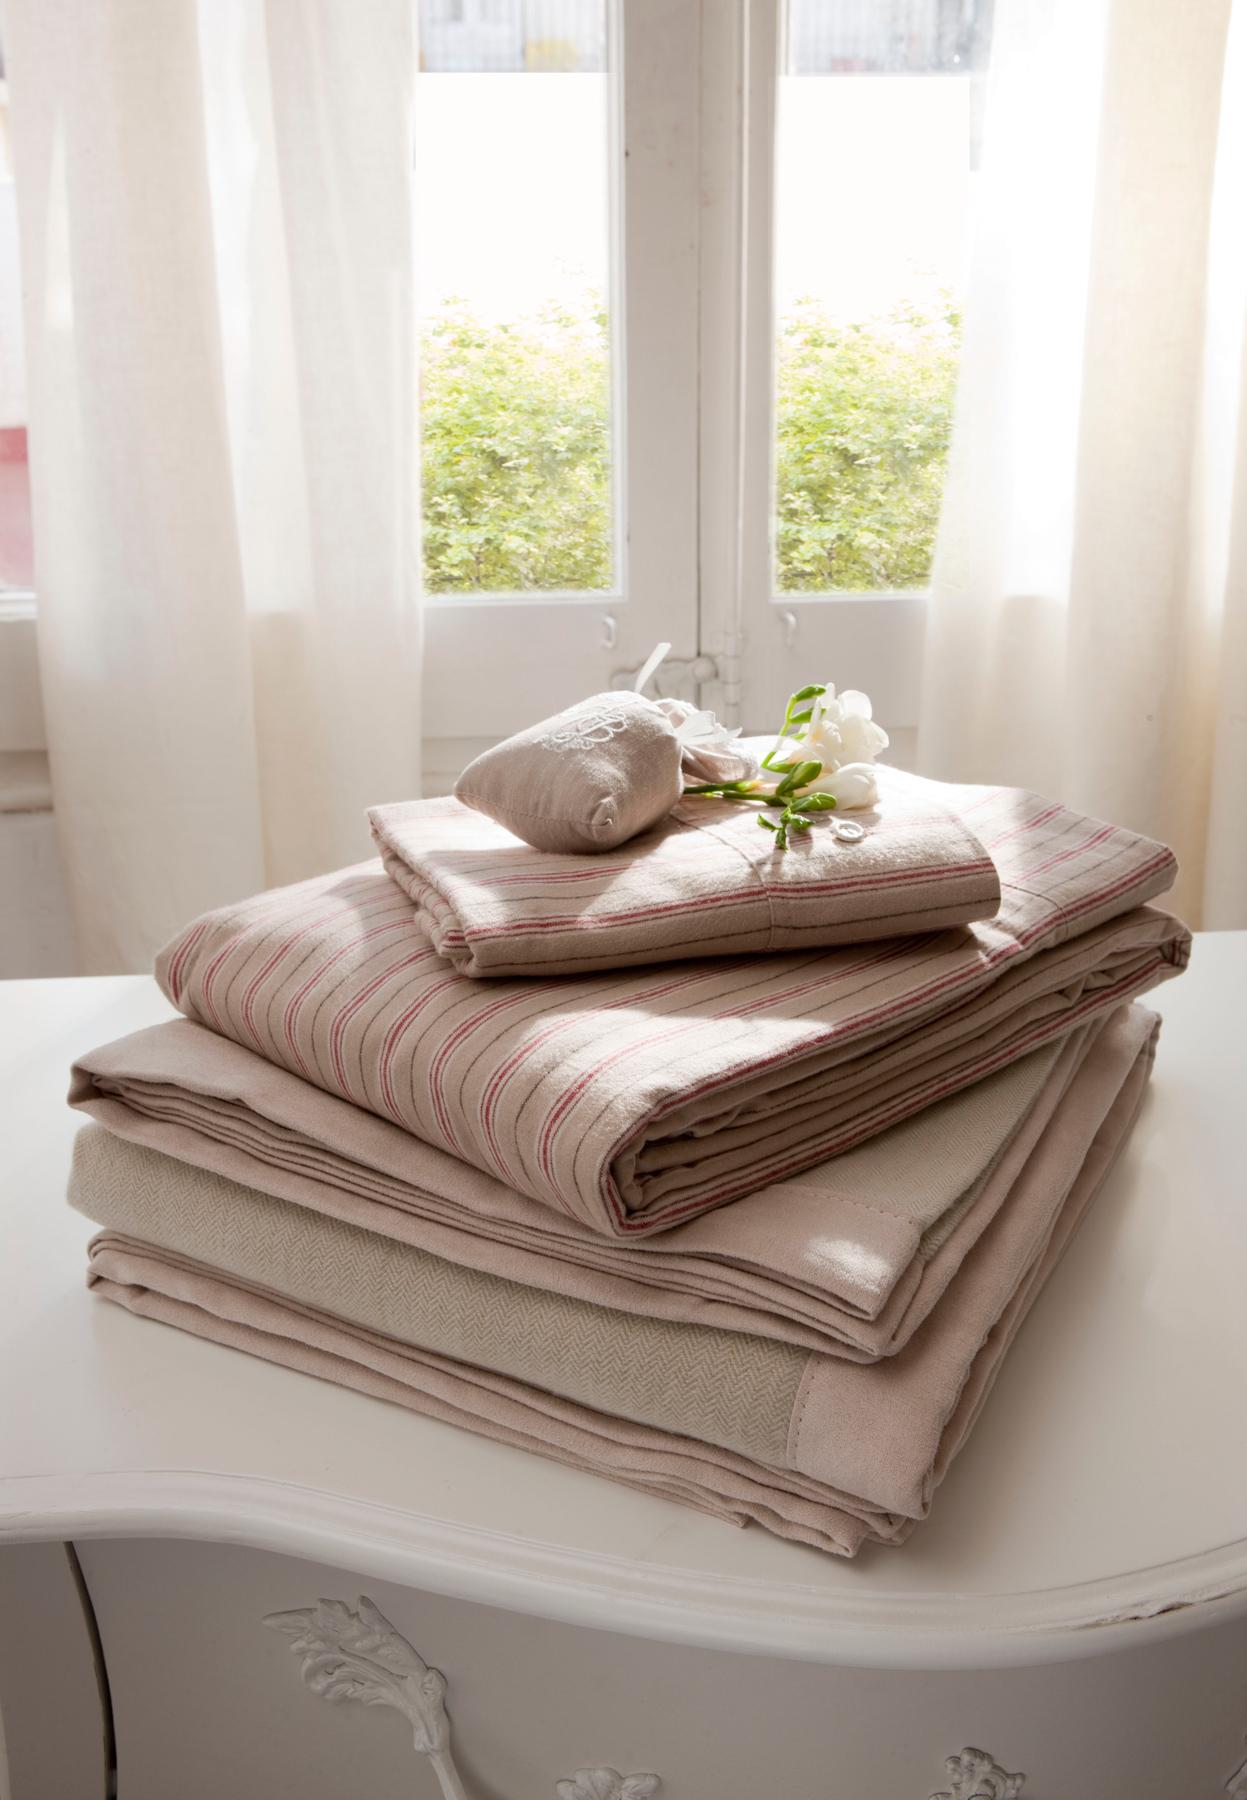 Trucos de mantenimiento para la ropa de cama